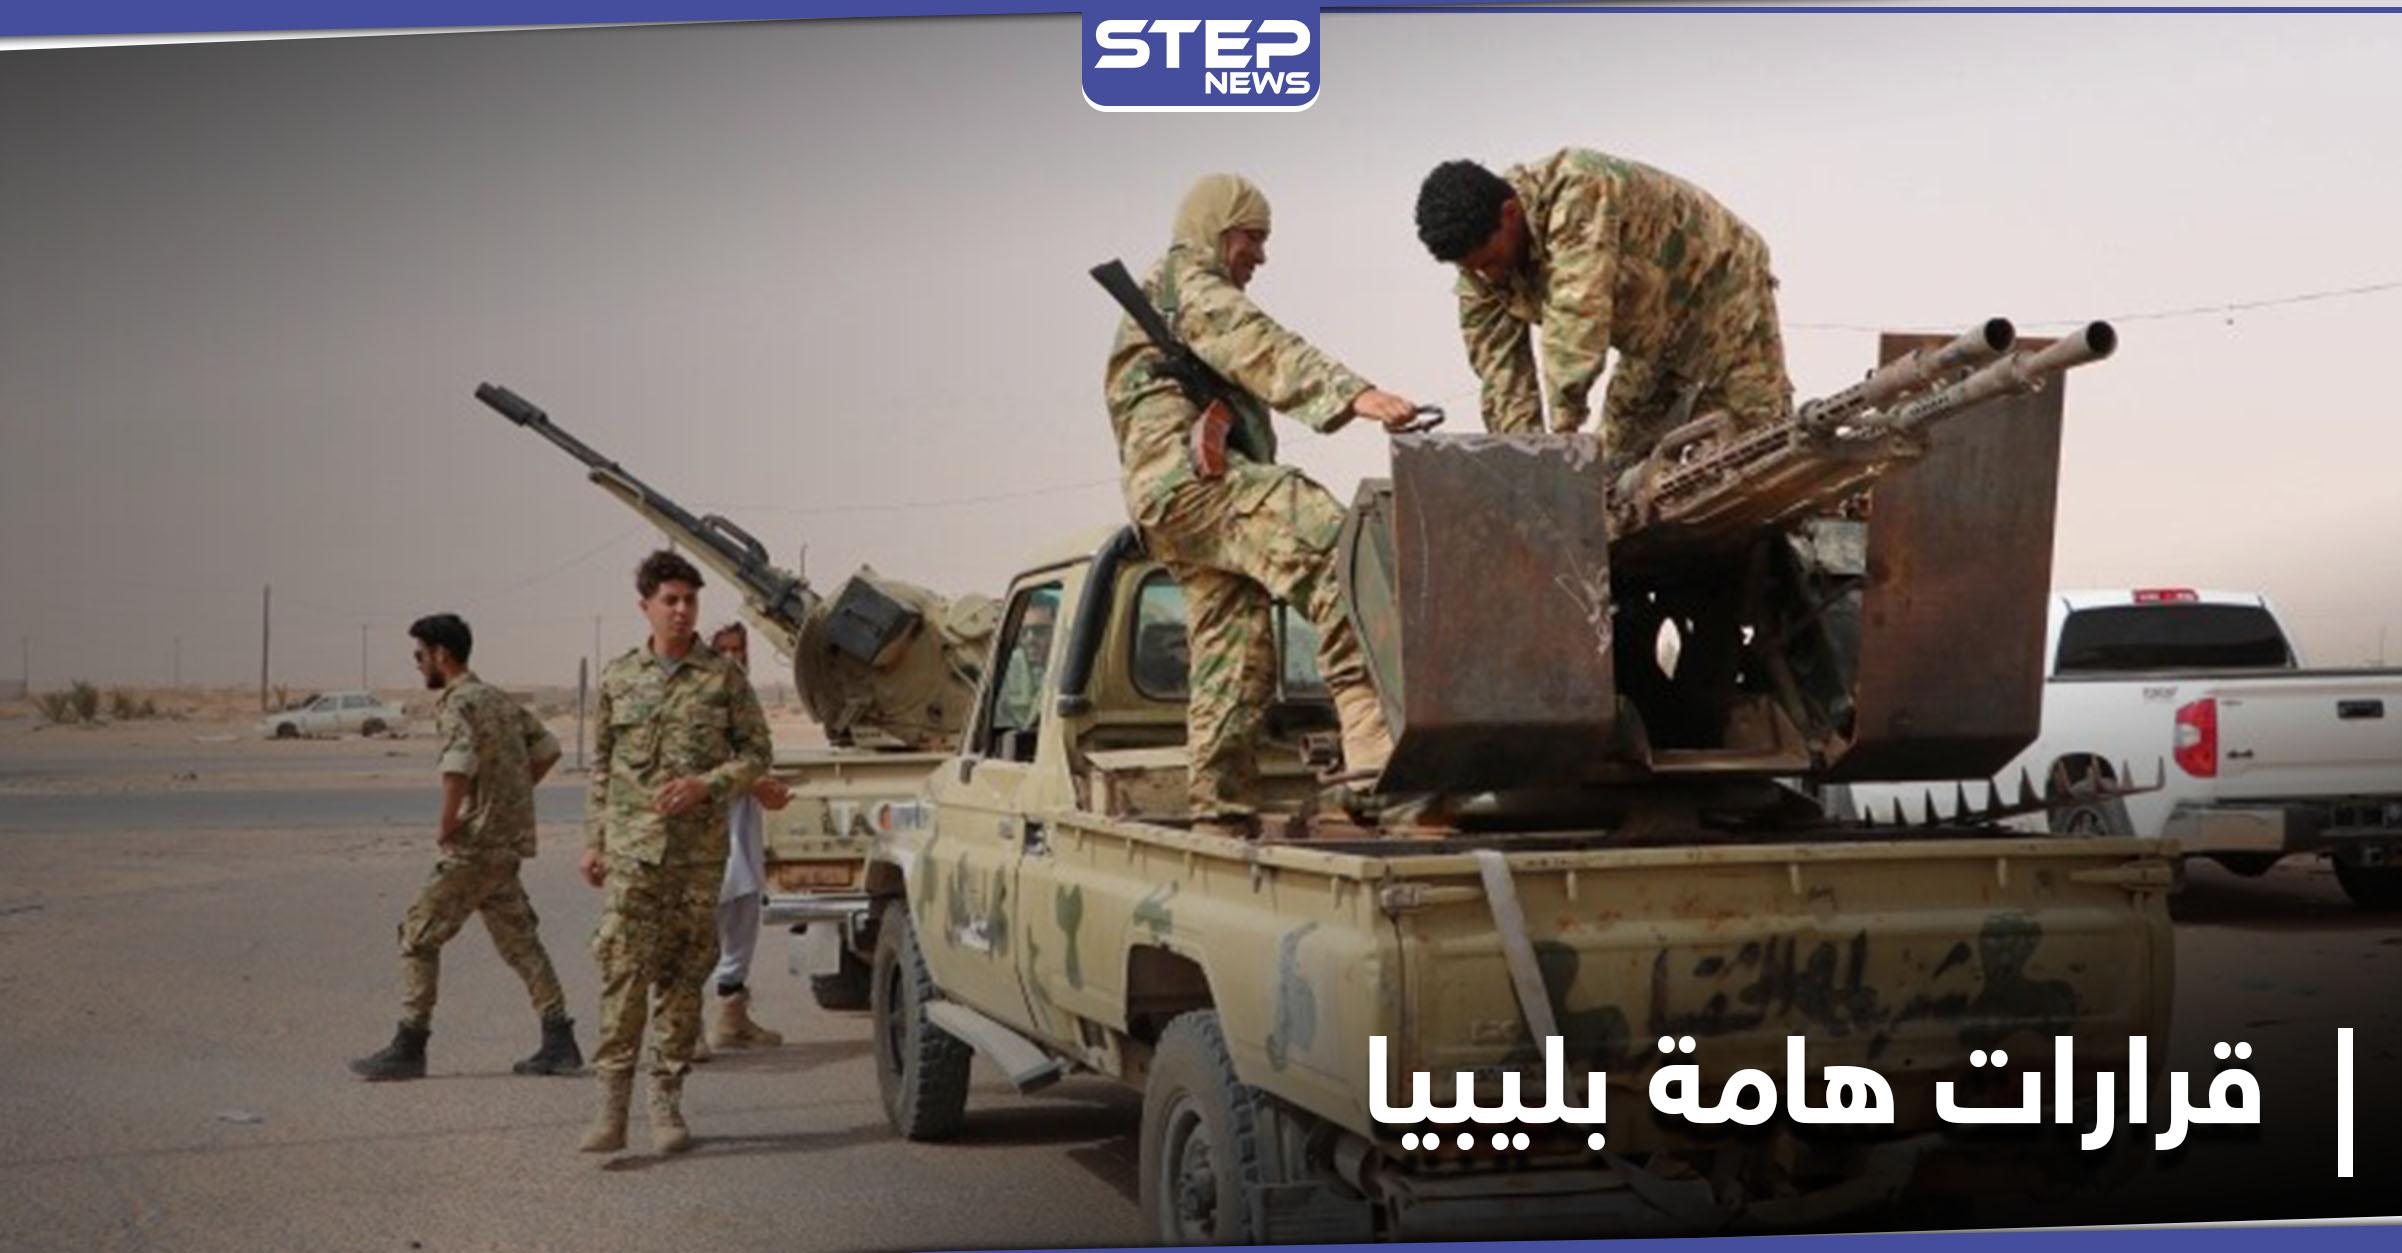 طرفي الصراع الليبي يتوصلون إلى قرارات هامة